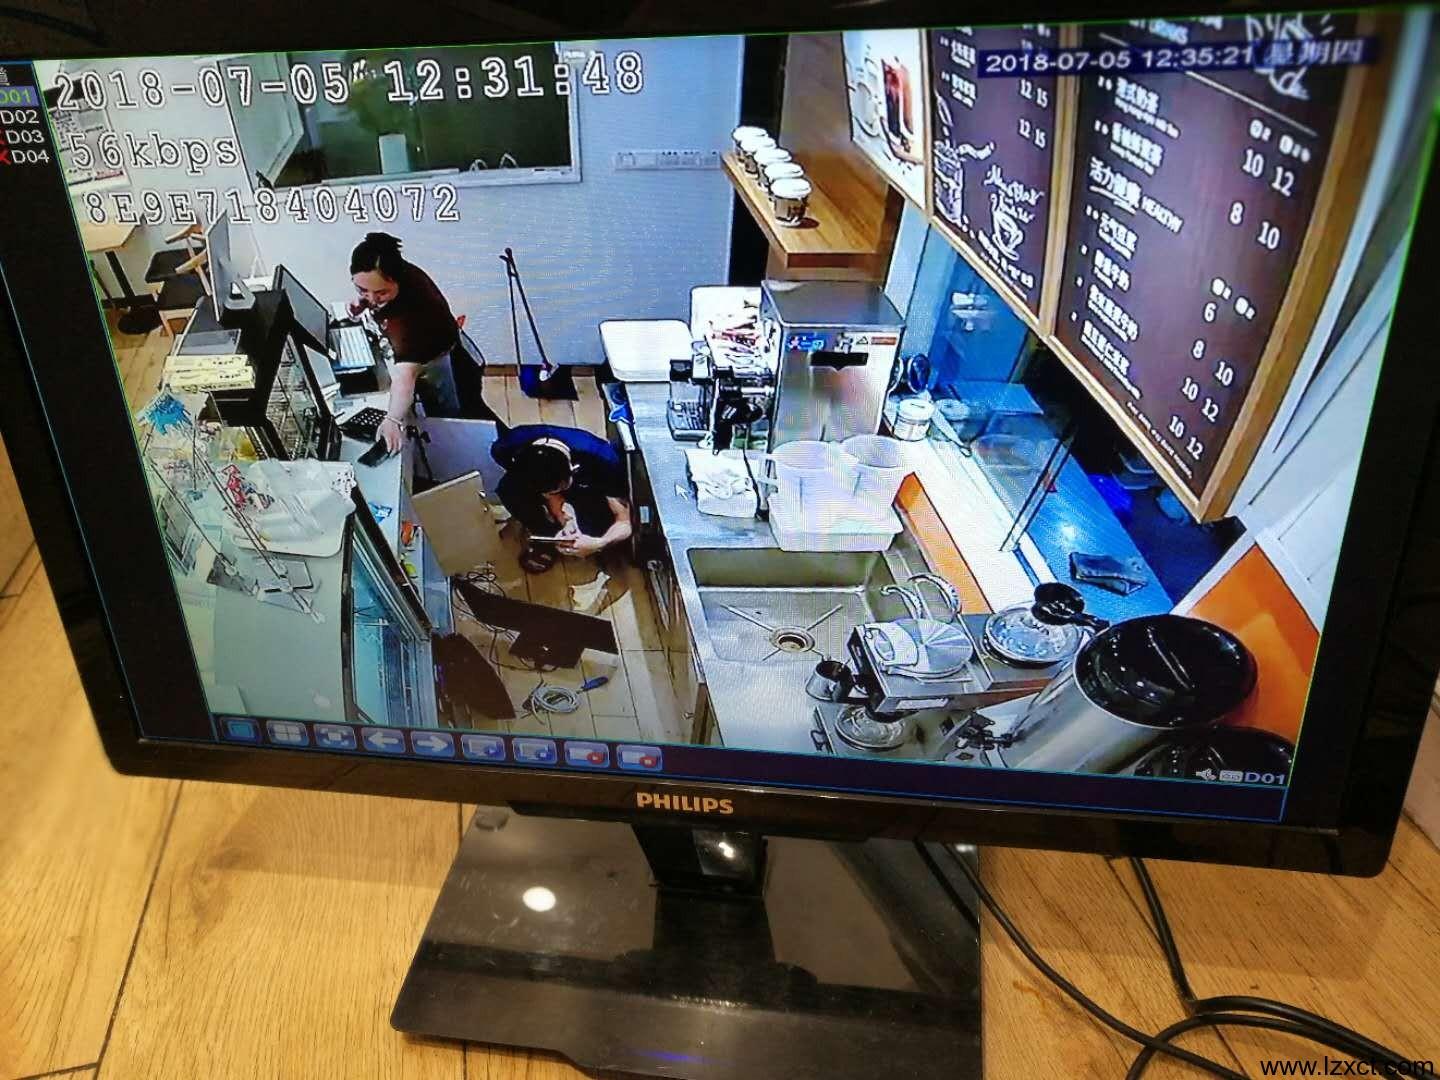 监控安装完成后的实时监控效果图